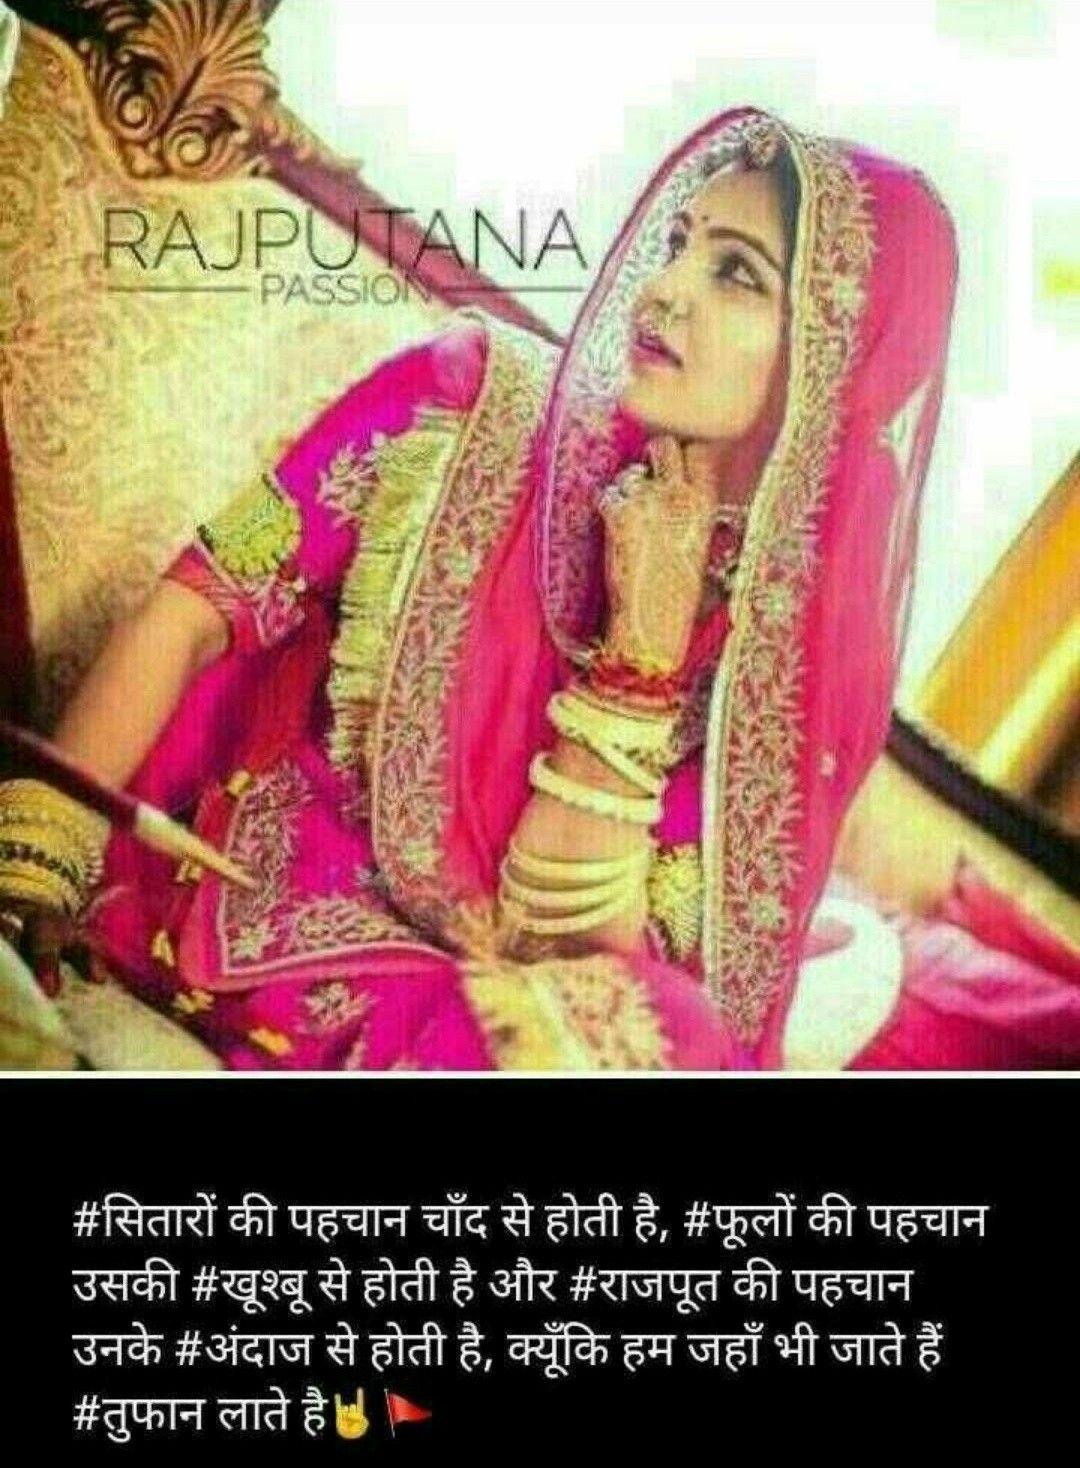 Pin By Mori Jitendrasinh On Rajputi Culture Rajput Quotes True